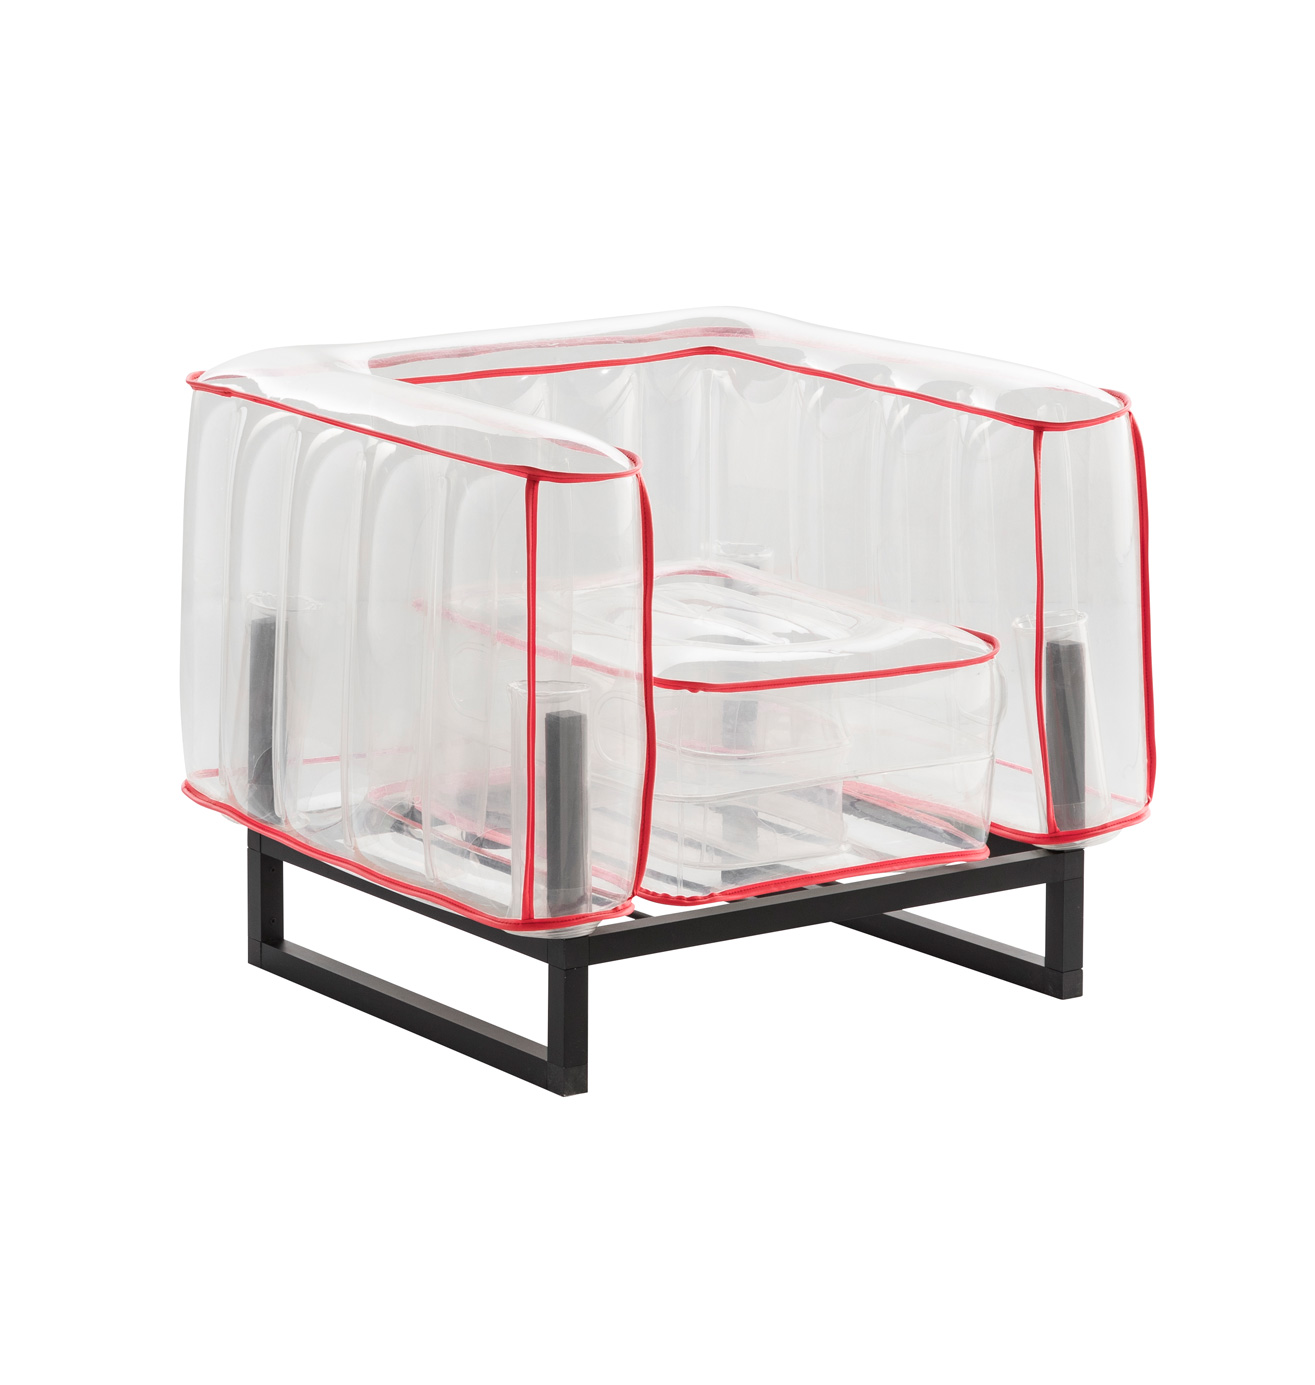 Fauteuil tpu transparent avec passepoil rouge